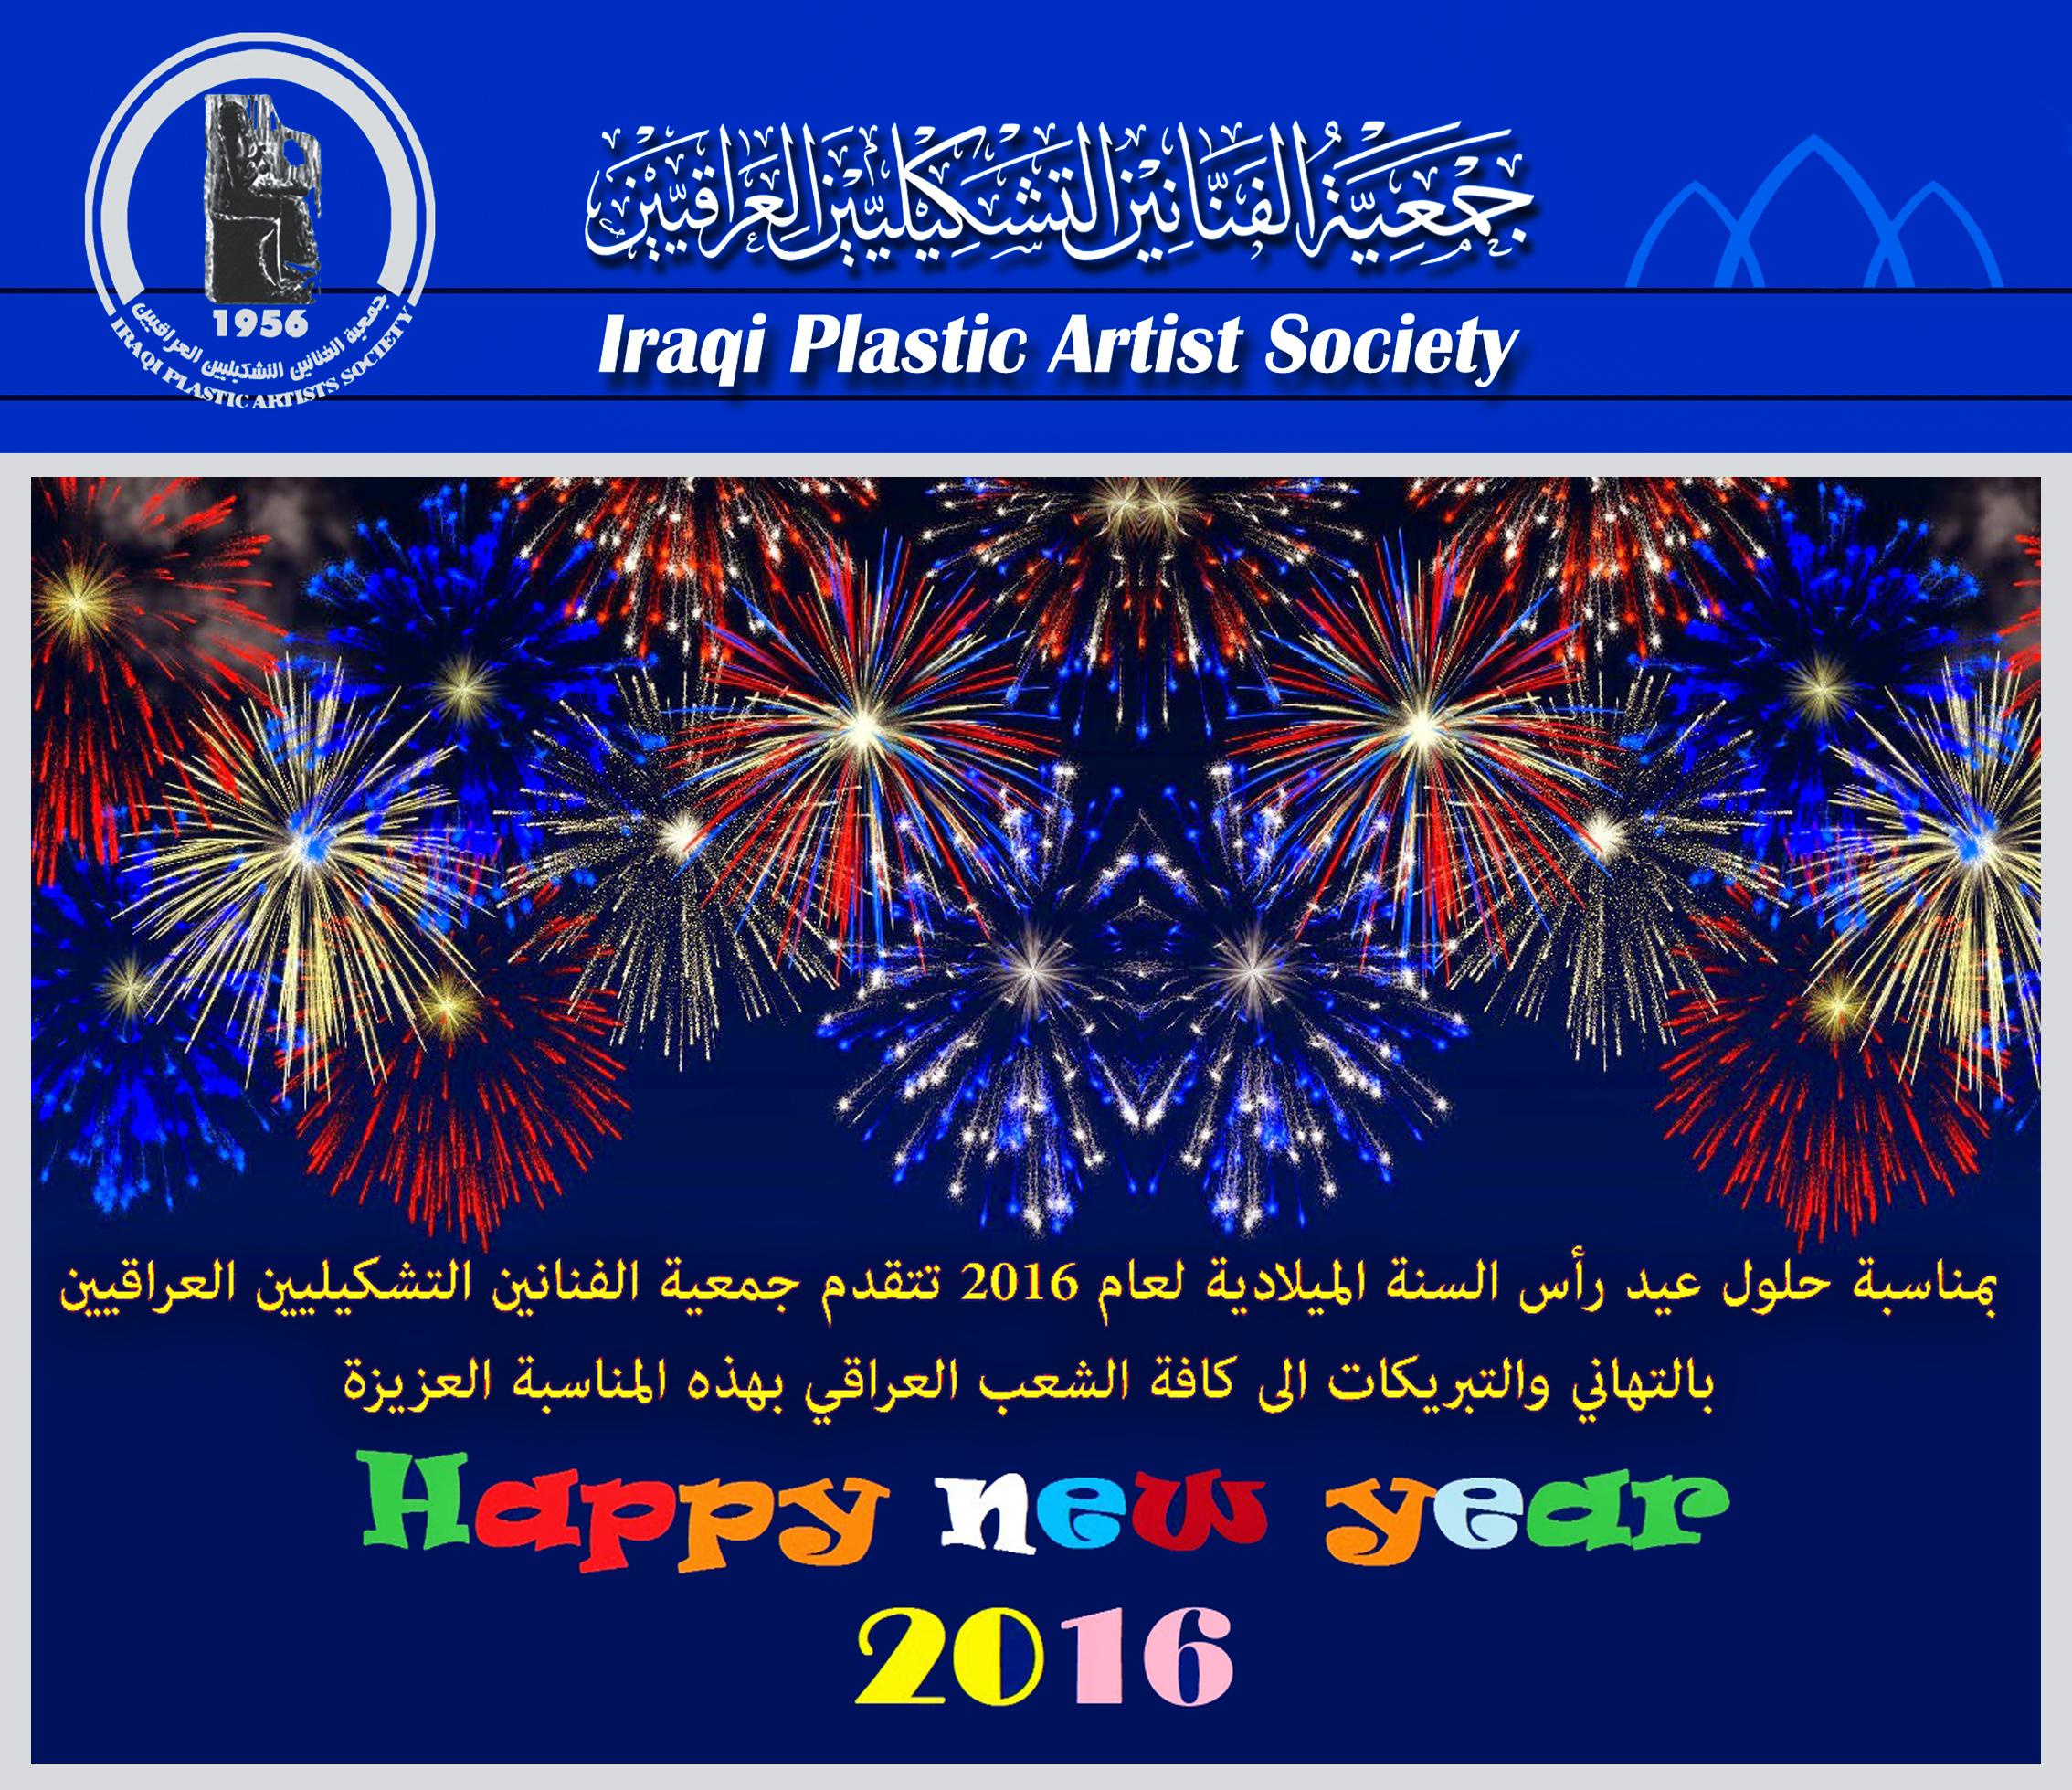 بمناسبة حلول عيد رأس السنة الميلادية الجديدة لعام 2016 تتقدم الهيئة الادارية في جمعية الفنانين التشكيليين العراقيين بالتهاني والتبريكات الى كافة الشعب العراقي بهذه المناسبة العزيزة